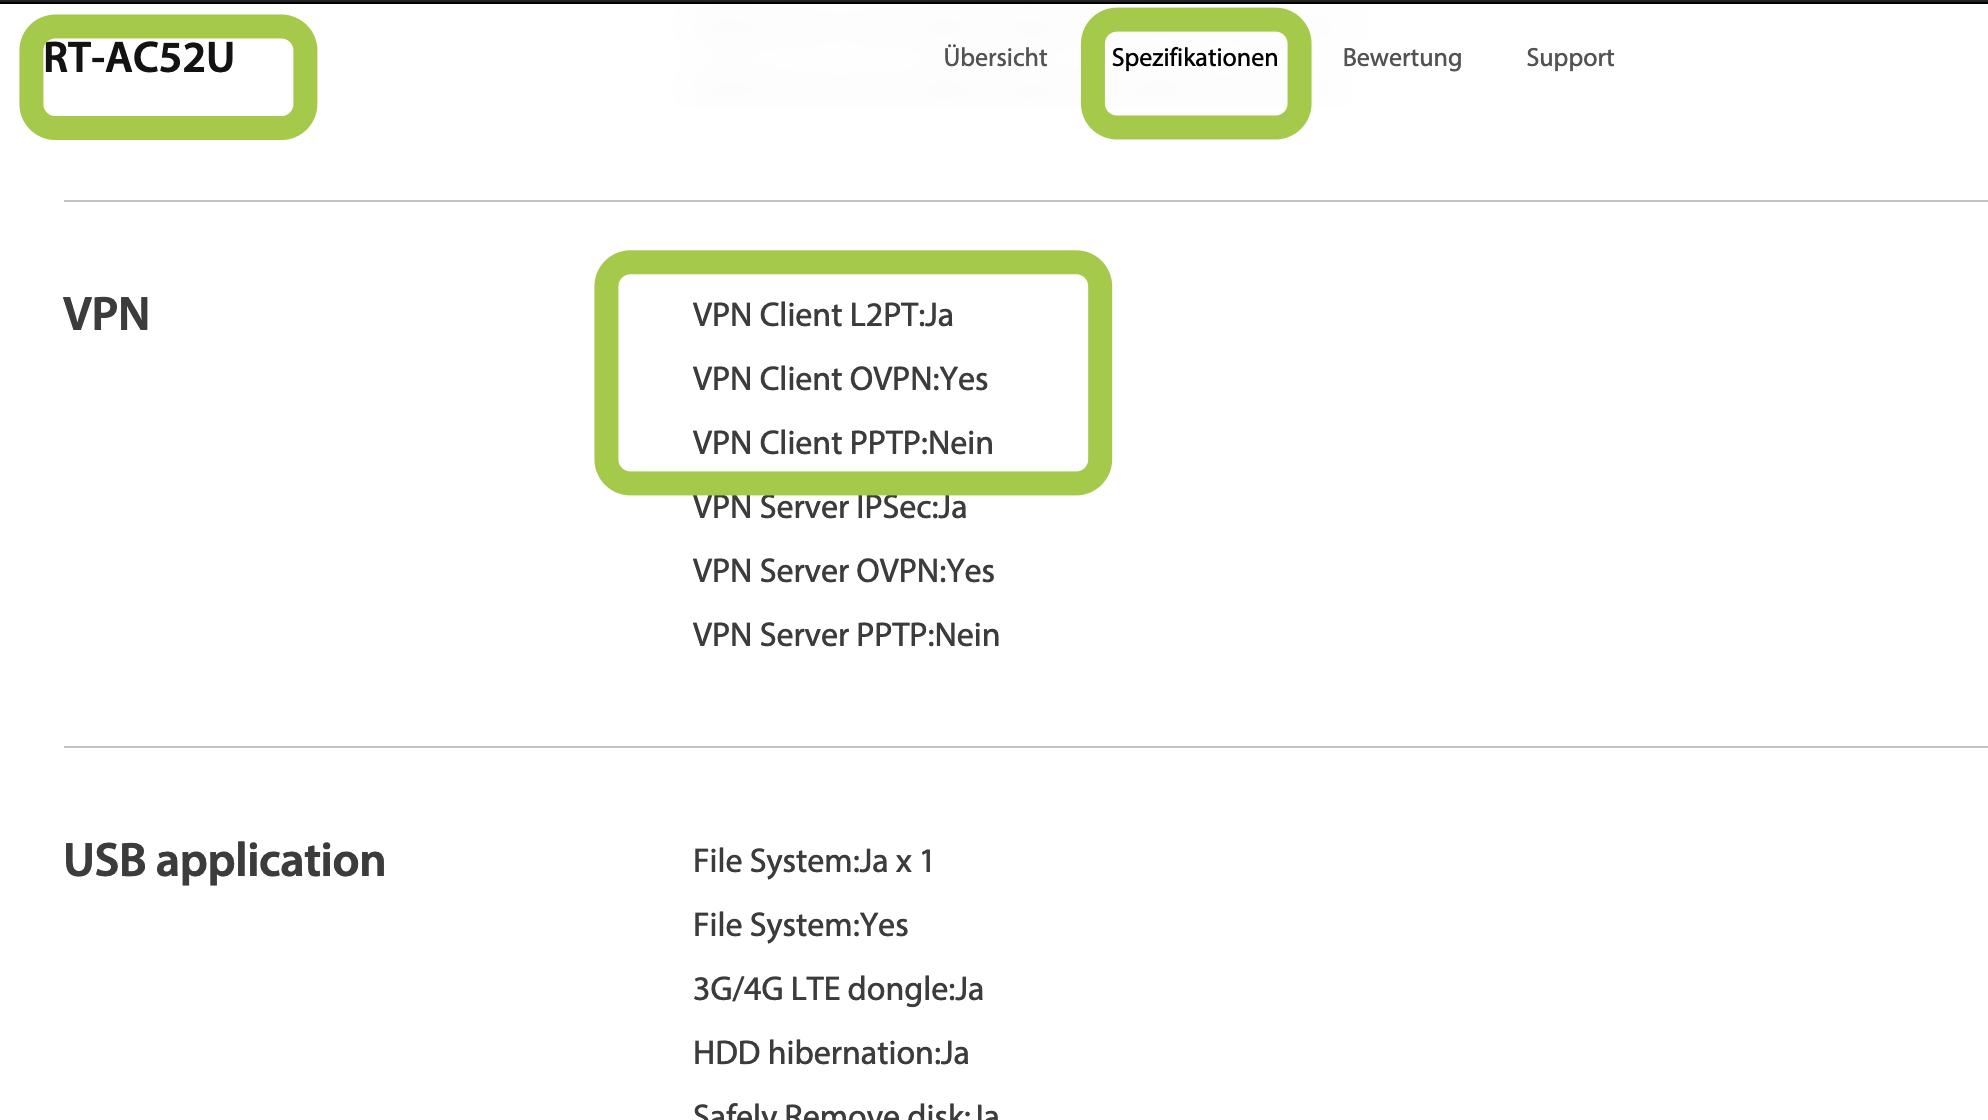 Internes Netzwerk mit VPN Client 1